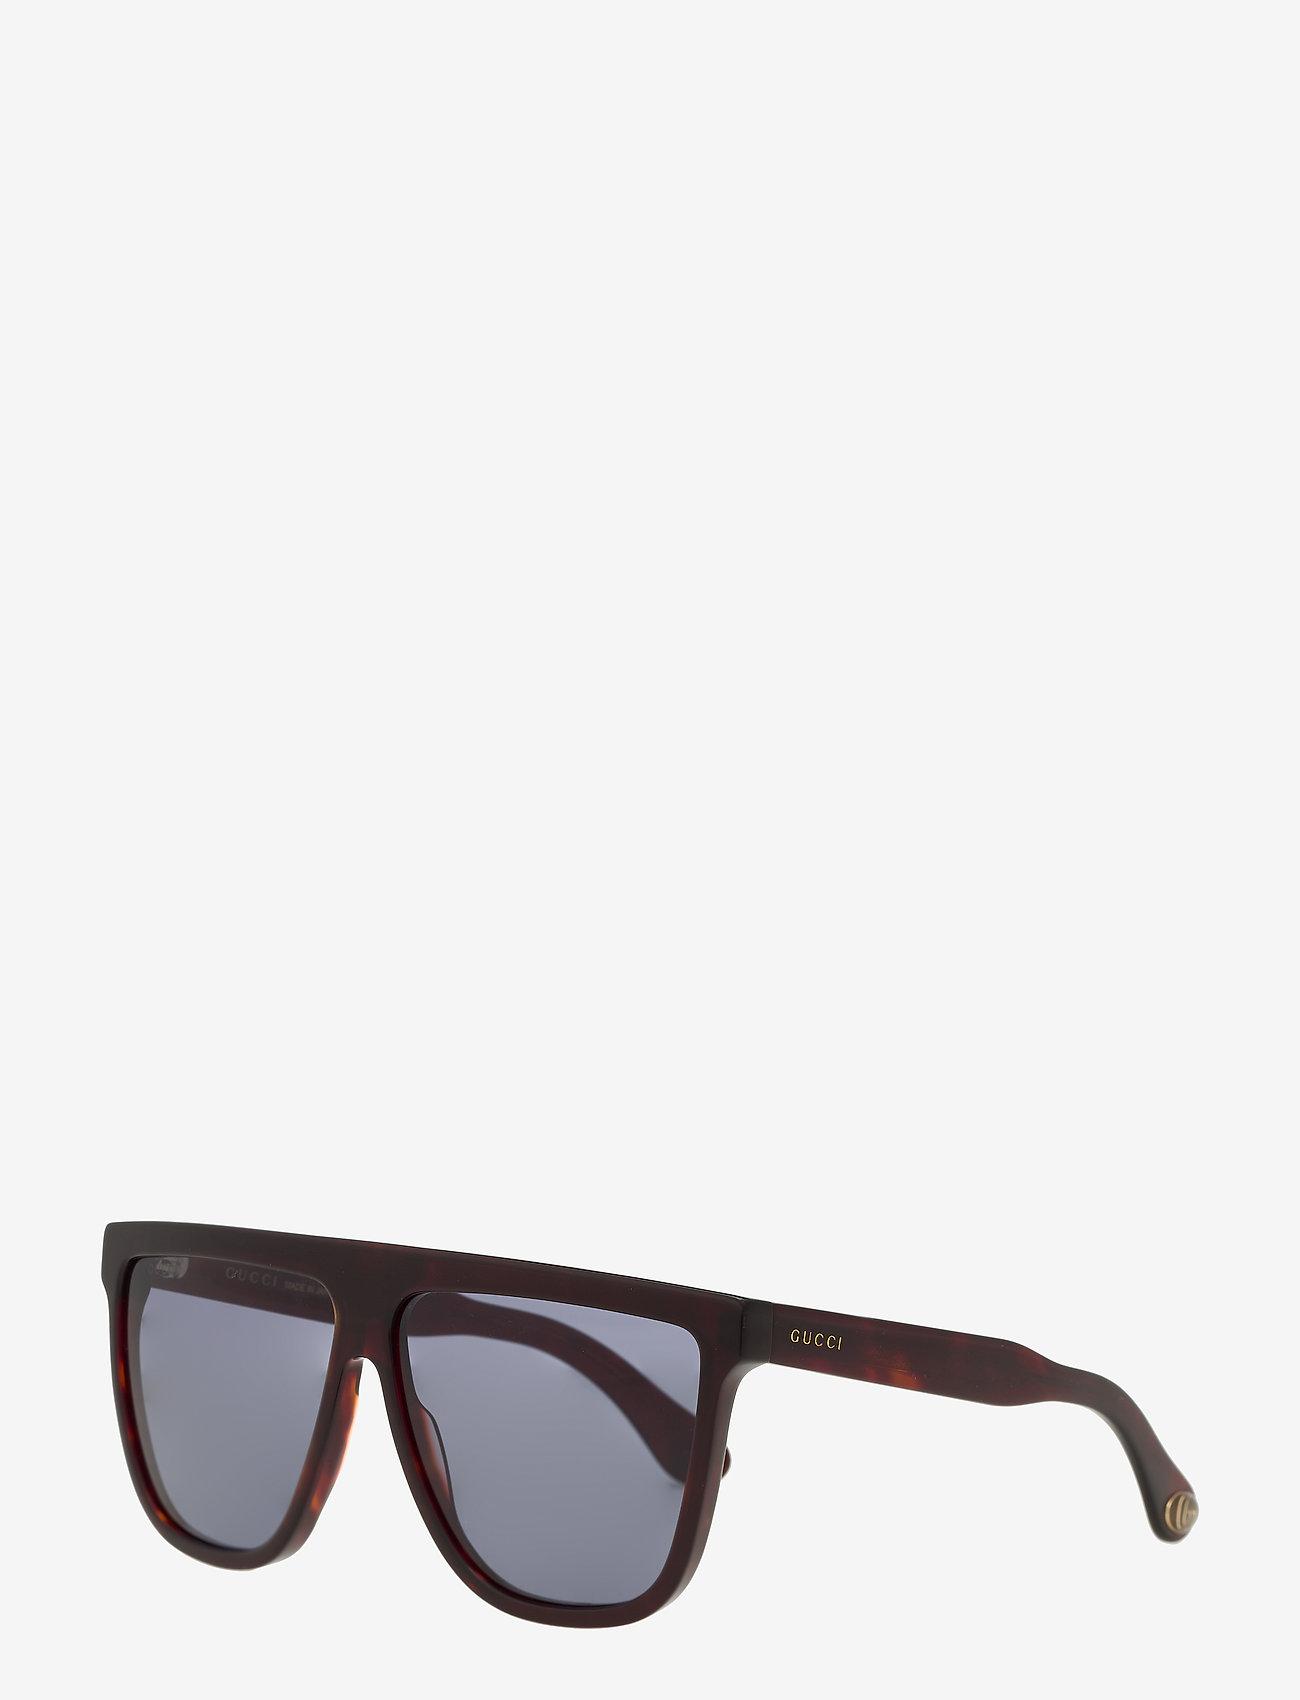 Gucci Sunglasses - GG0582S - okulary przeciwsłoneczne w kształcie litery d - havana-havana-blue - 1